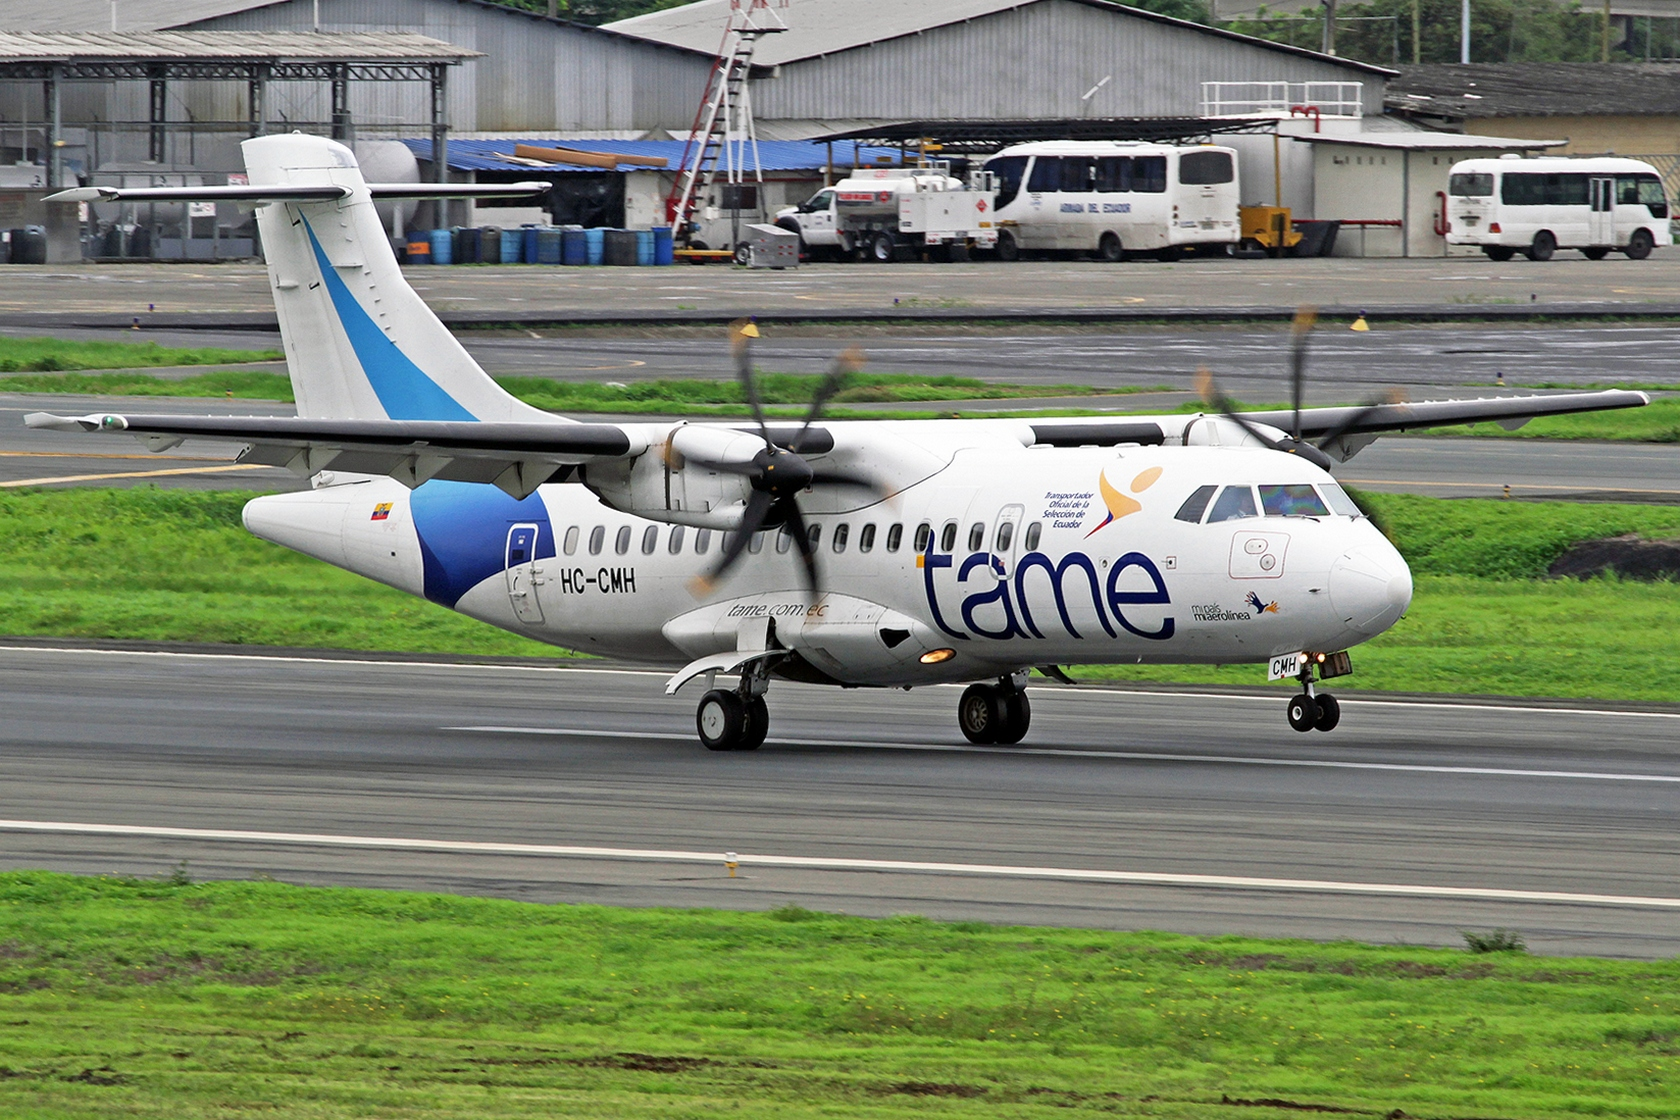 TAME ATR 42-500 HC-CMH